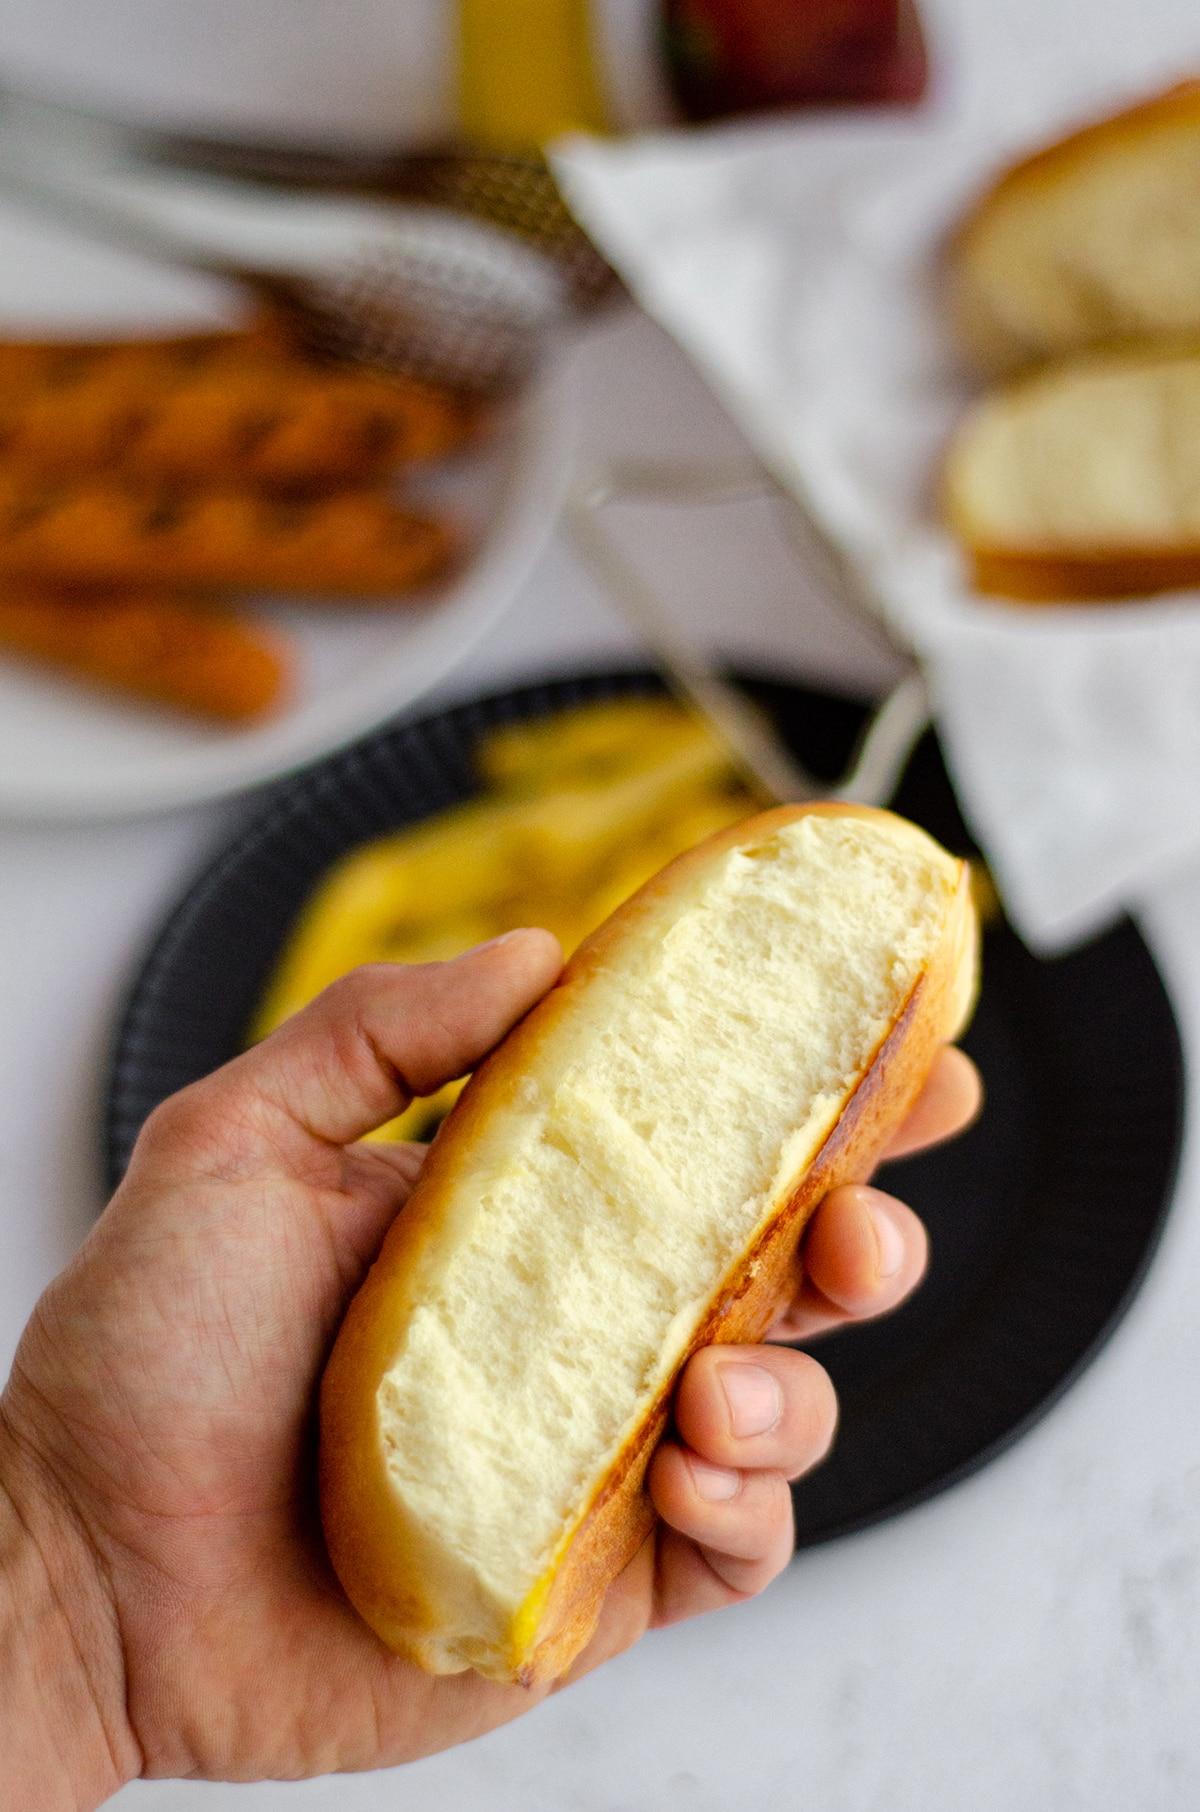 a hand holding a homemade hot dog bun